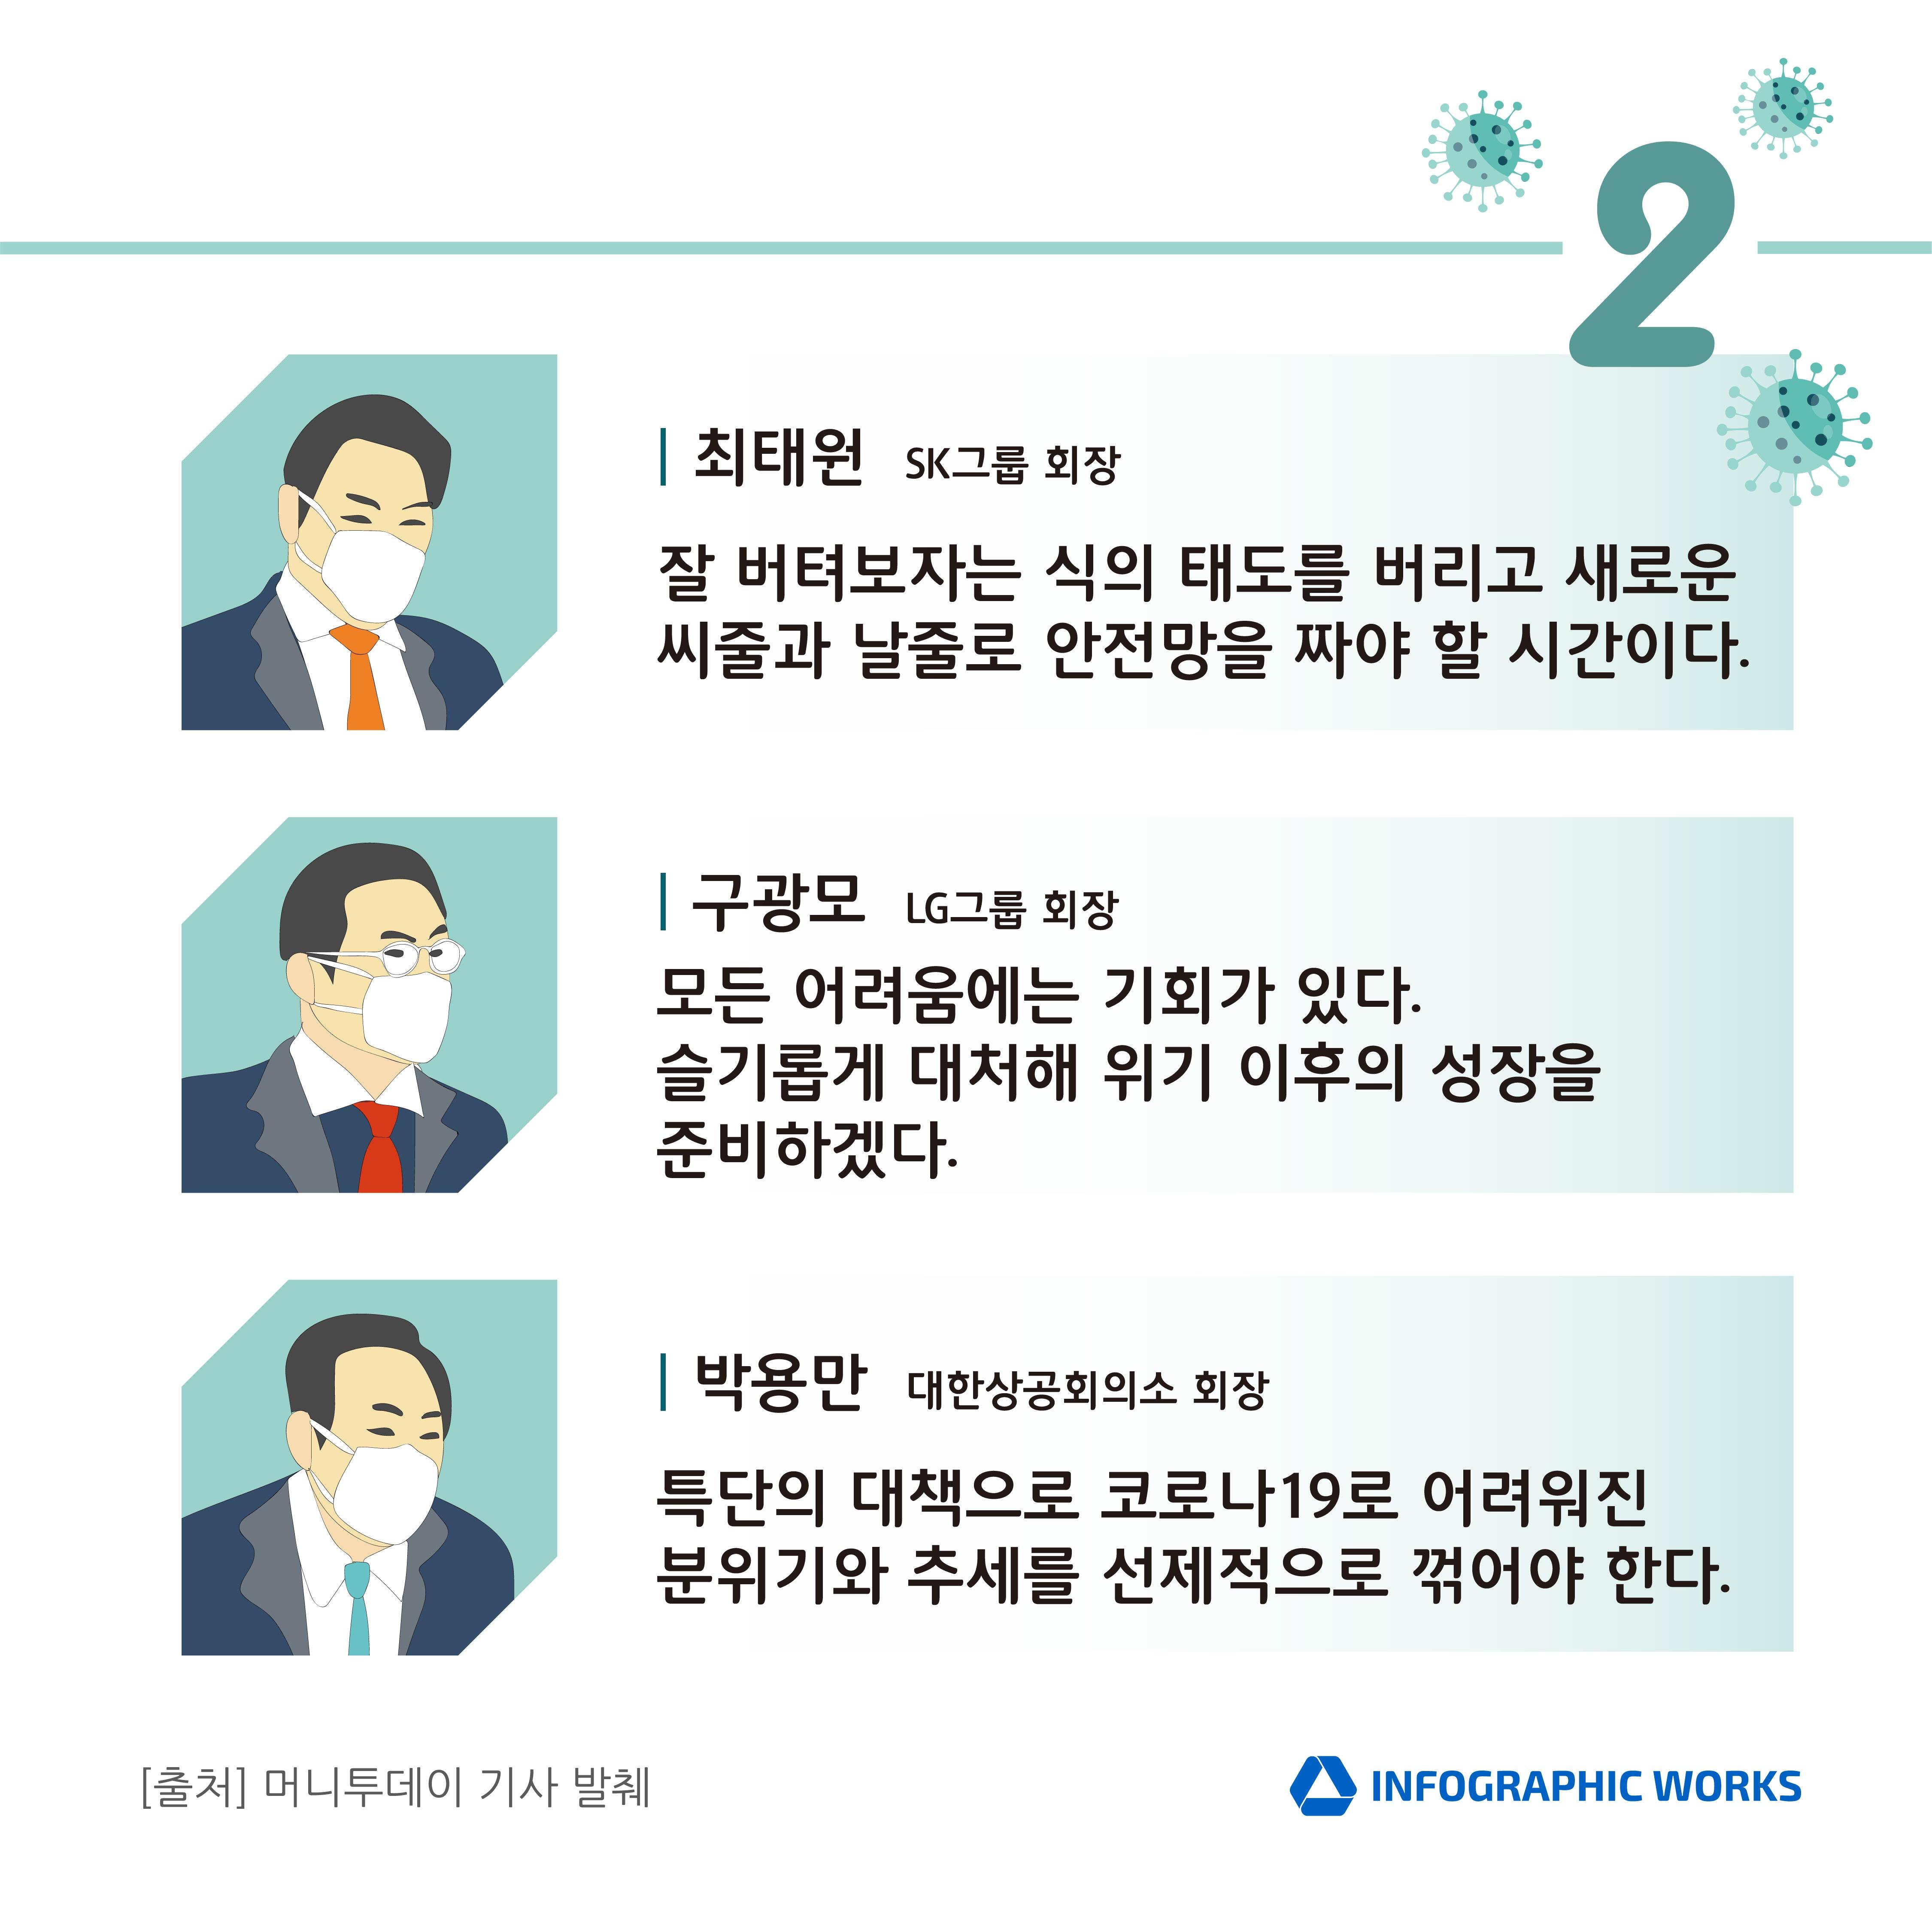 포스트코로나 말말말(수정)_대지 1 사본 2